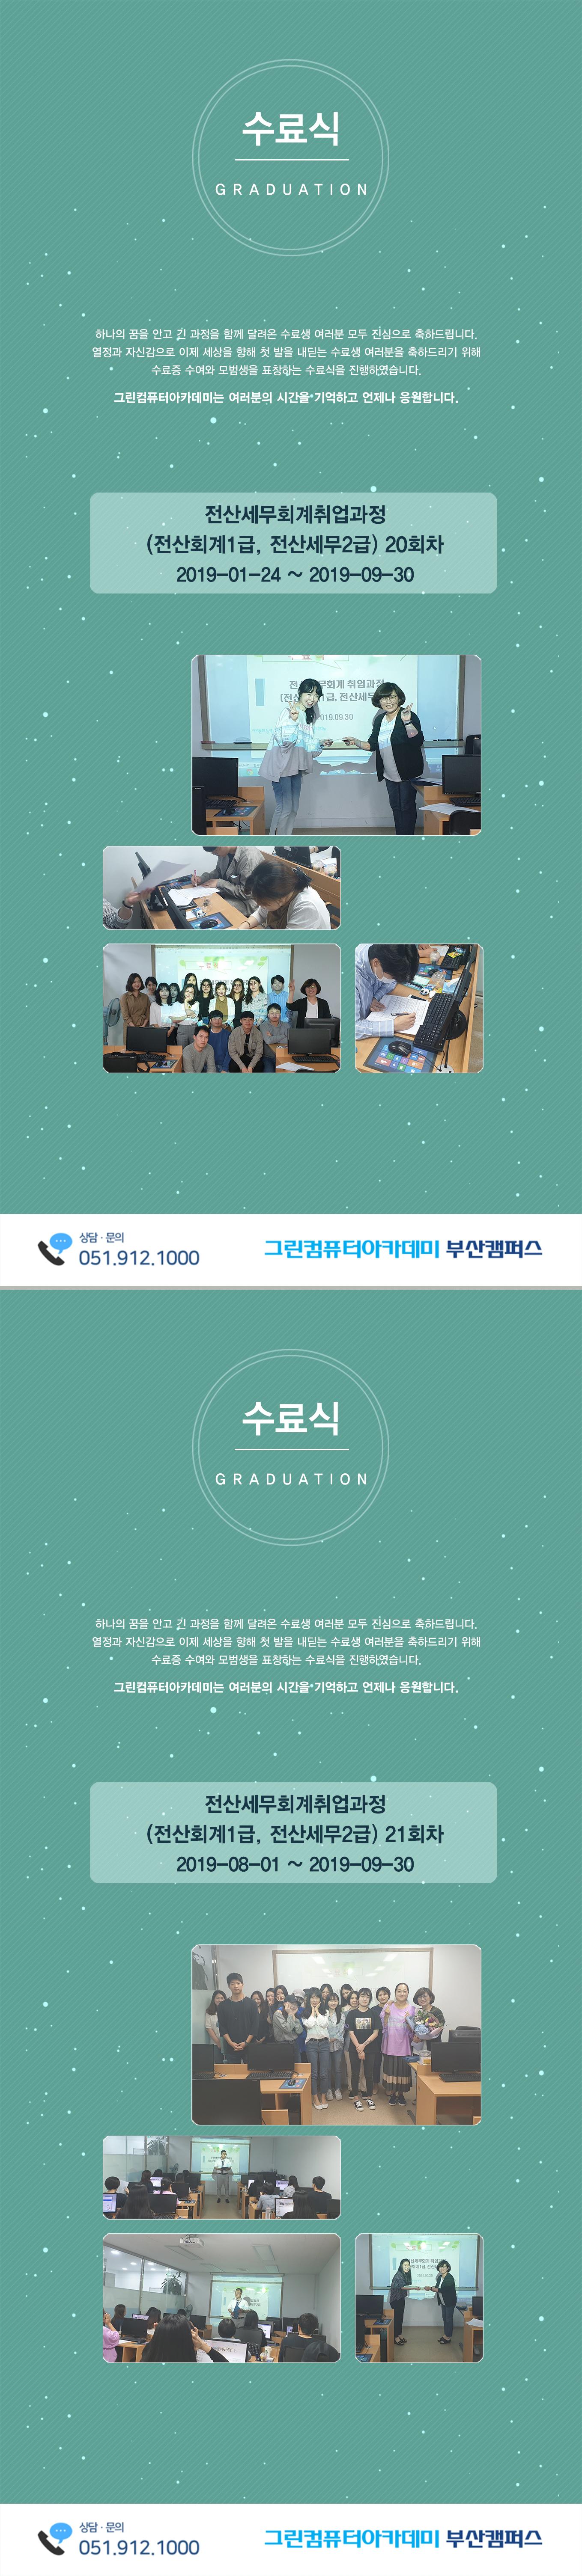 [부산캠퍼스] 2019년 9월 수료식 전산세무회계 취업과정(전산회계1급, 전산세무2급)